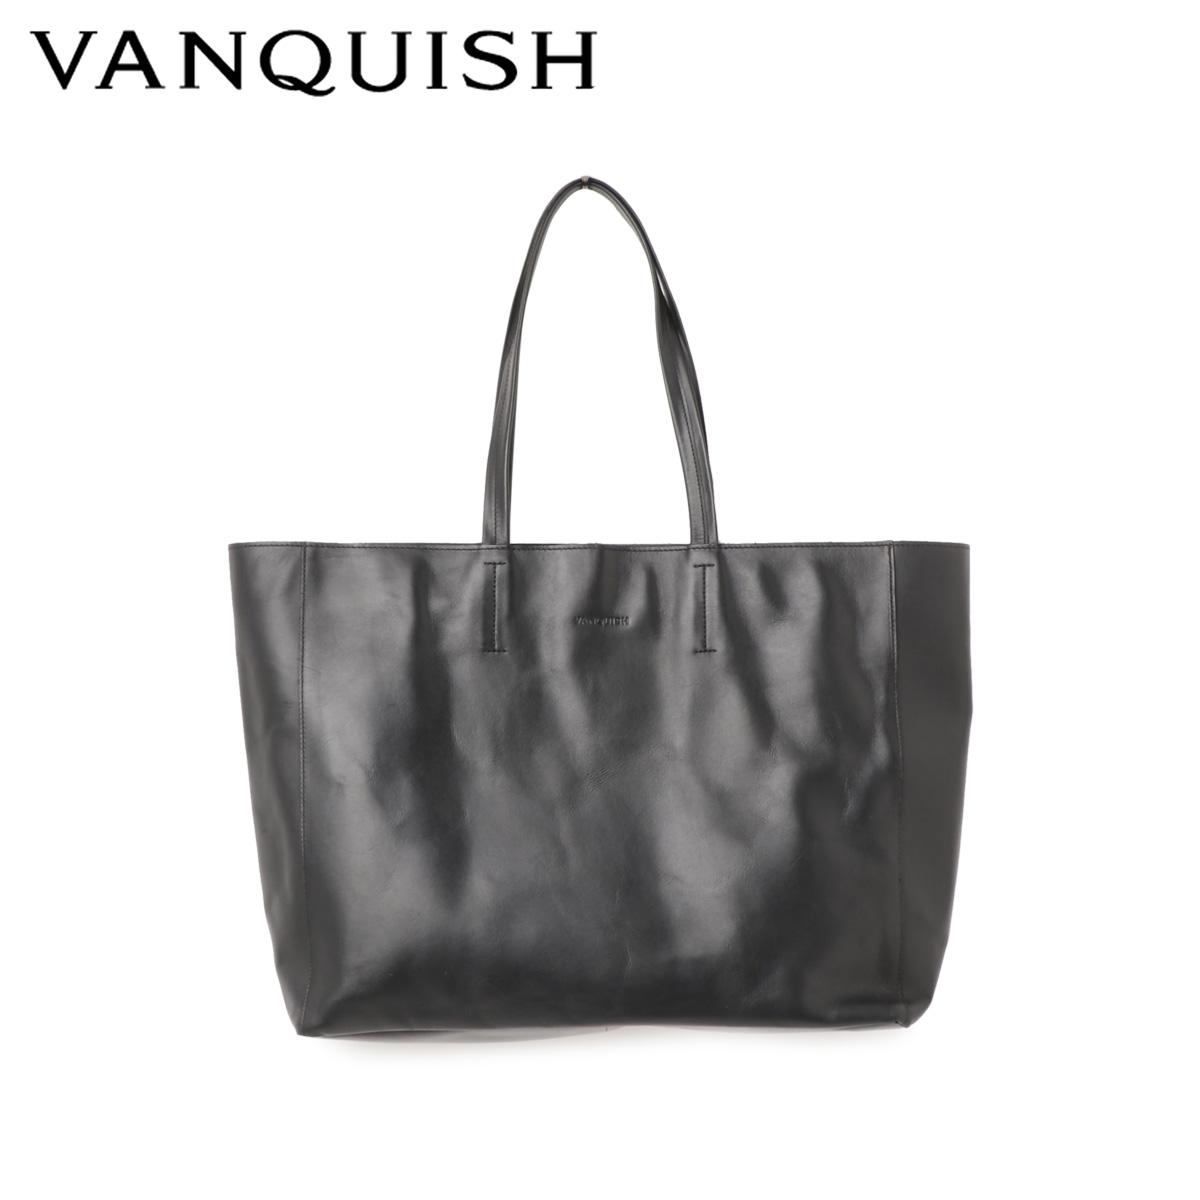 ヴァンキッシュ VANQUISH バッグ トートバッグ メンズ TOTE BAG ブラック 黒 VQM-41490